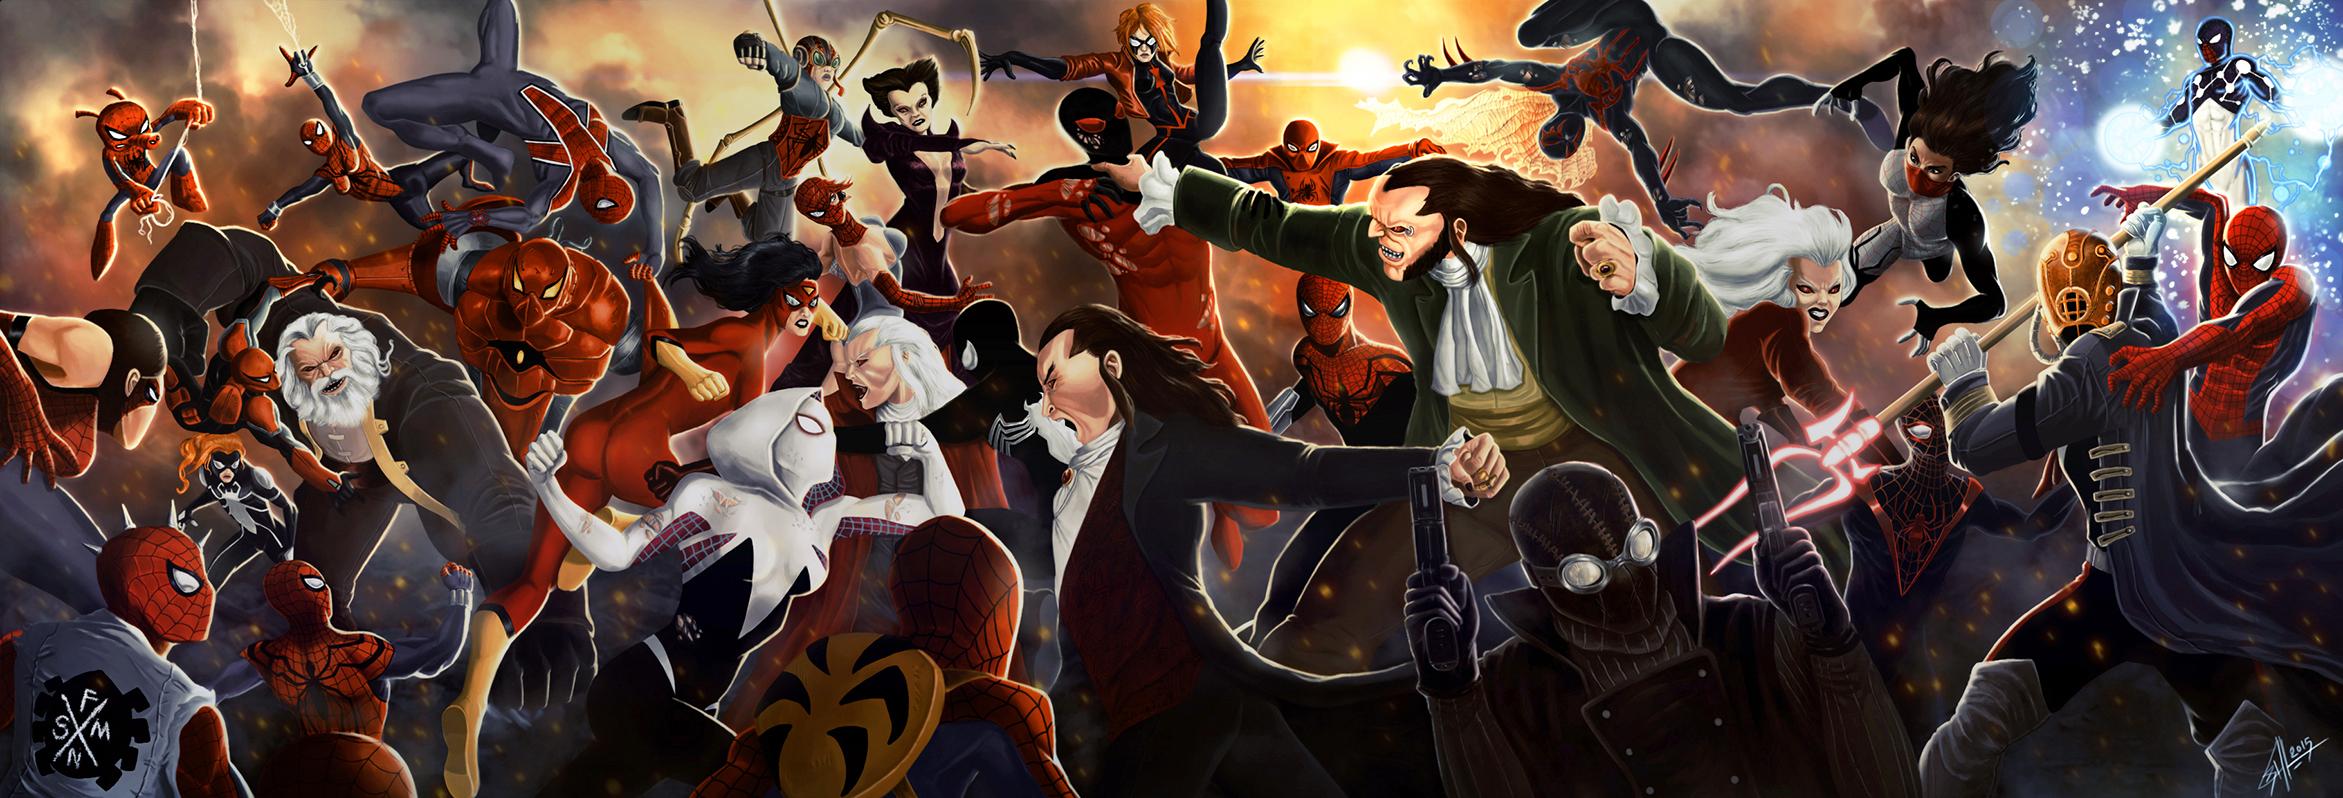 Marvel comics spider man venom wallpaper   #179132